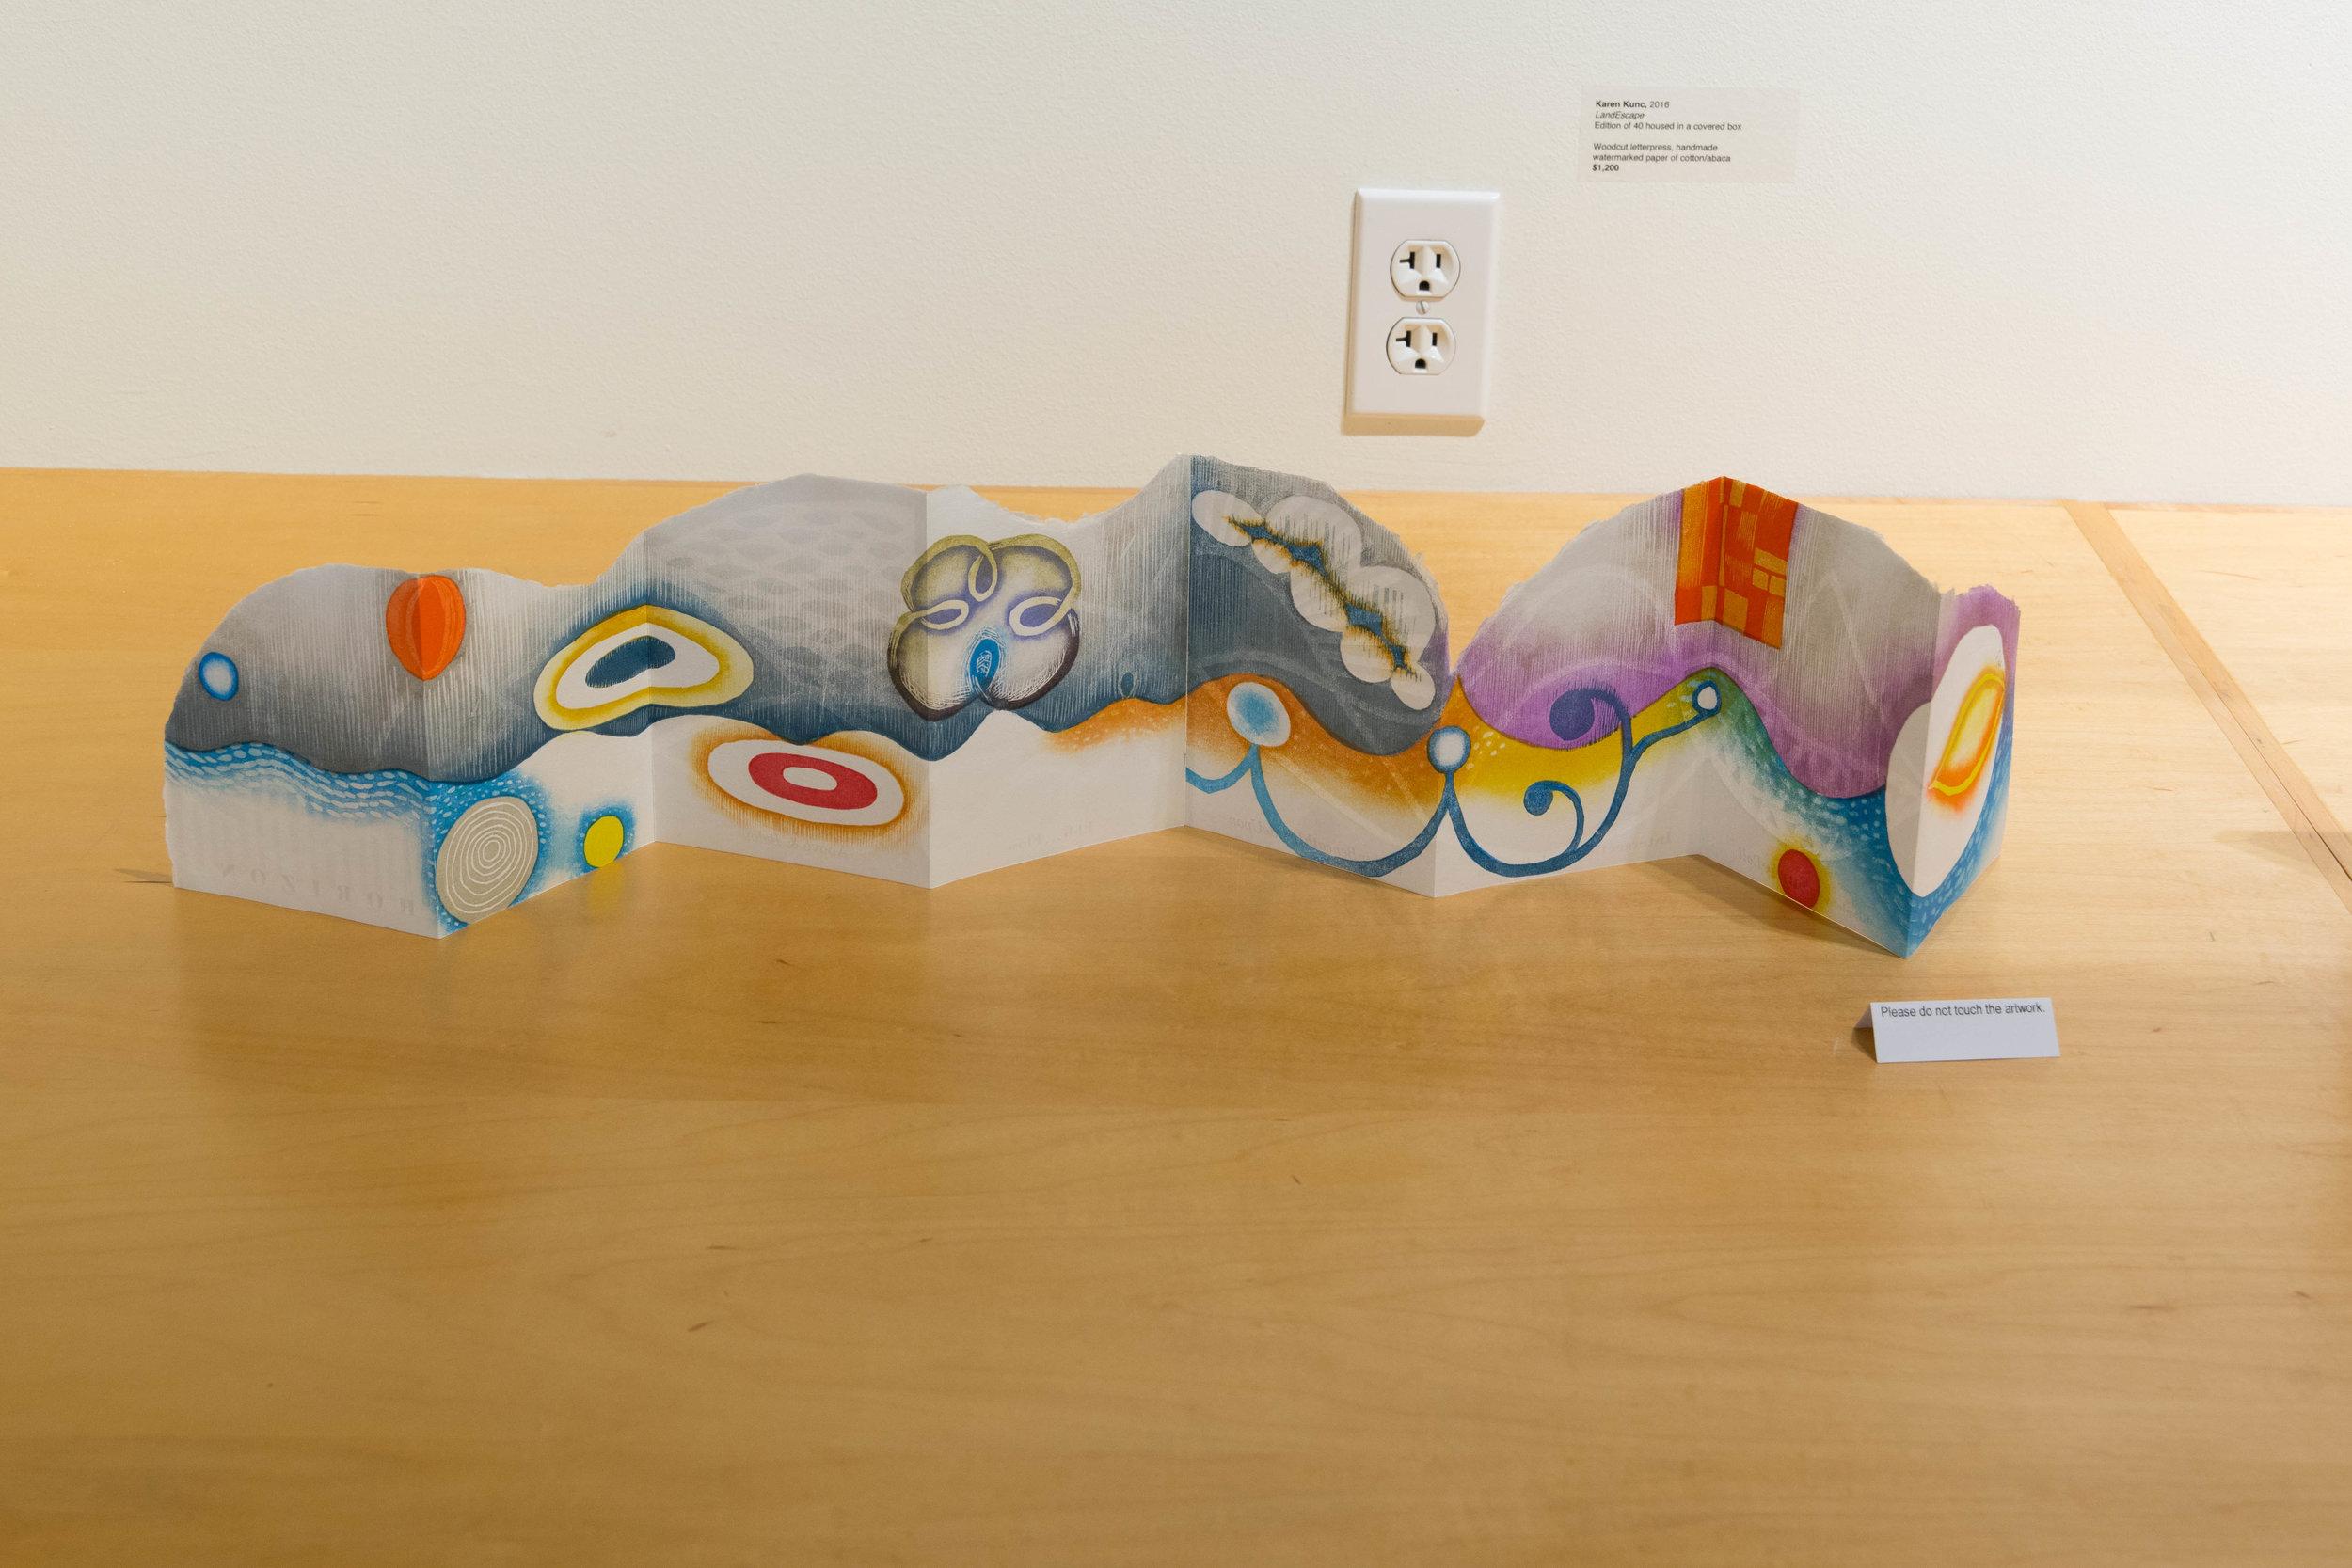 Highpoint ExhibitWeather by Karen Kunc190815a0051.JPG